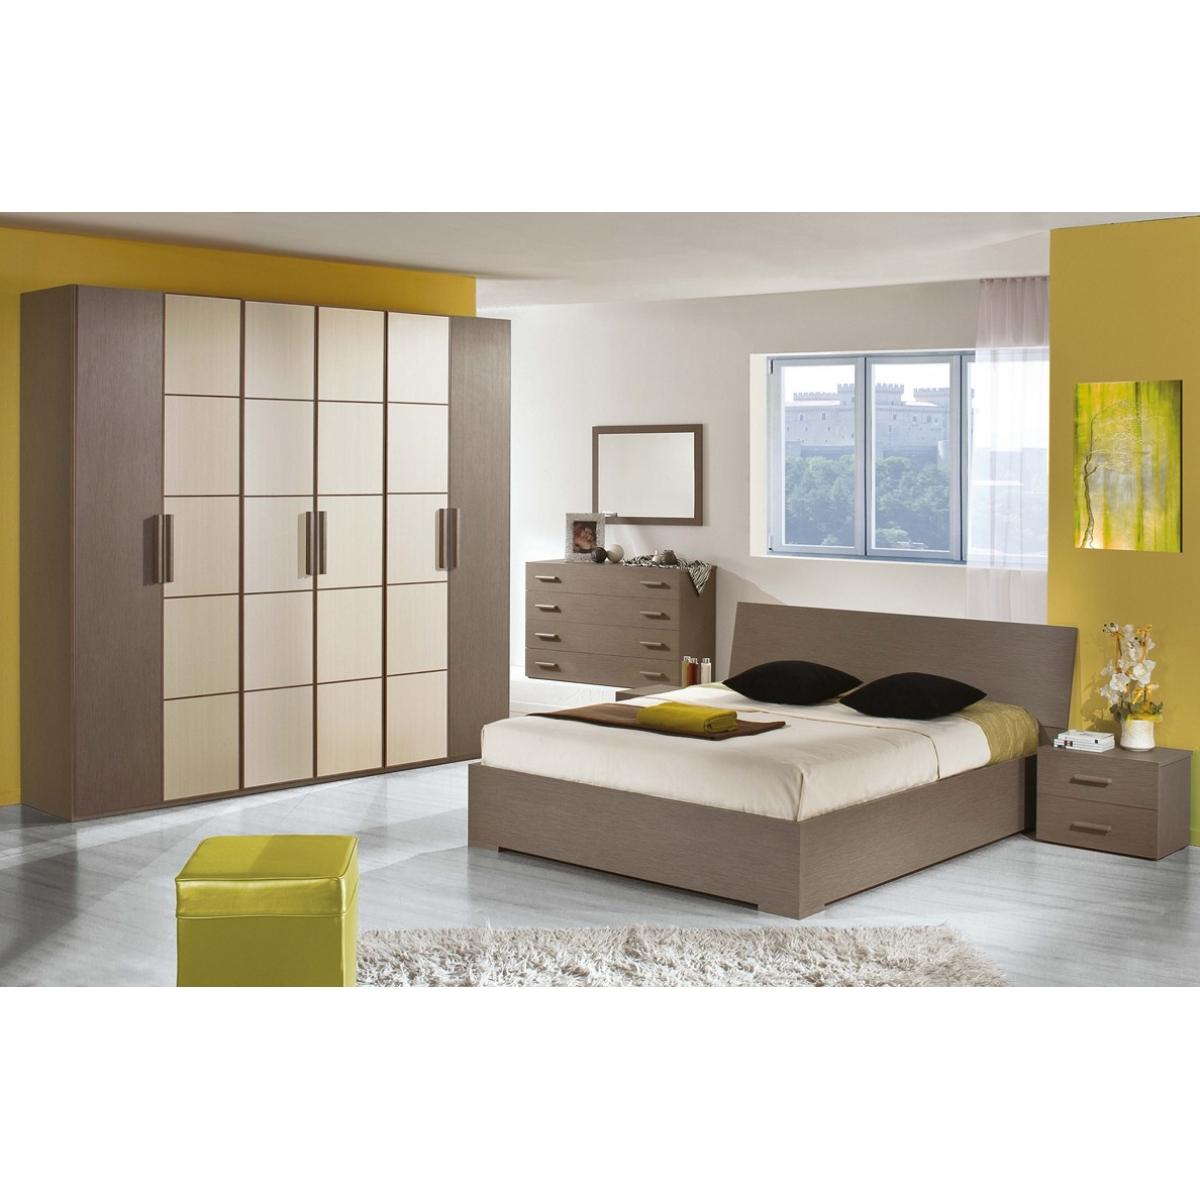 860 camera da letto larice grigio e natura letto contenitore - Letto Contenitore Grigio